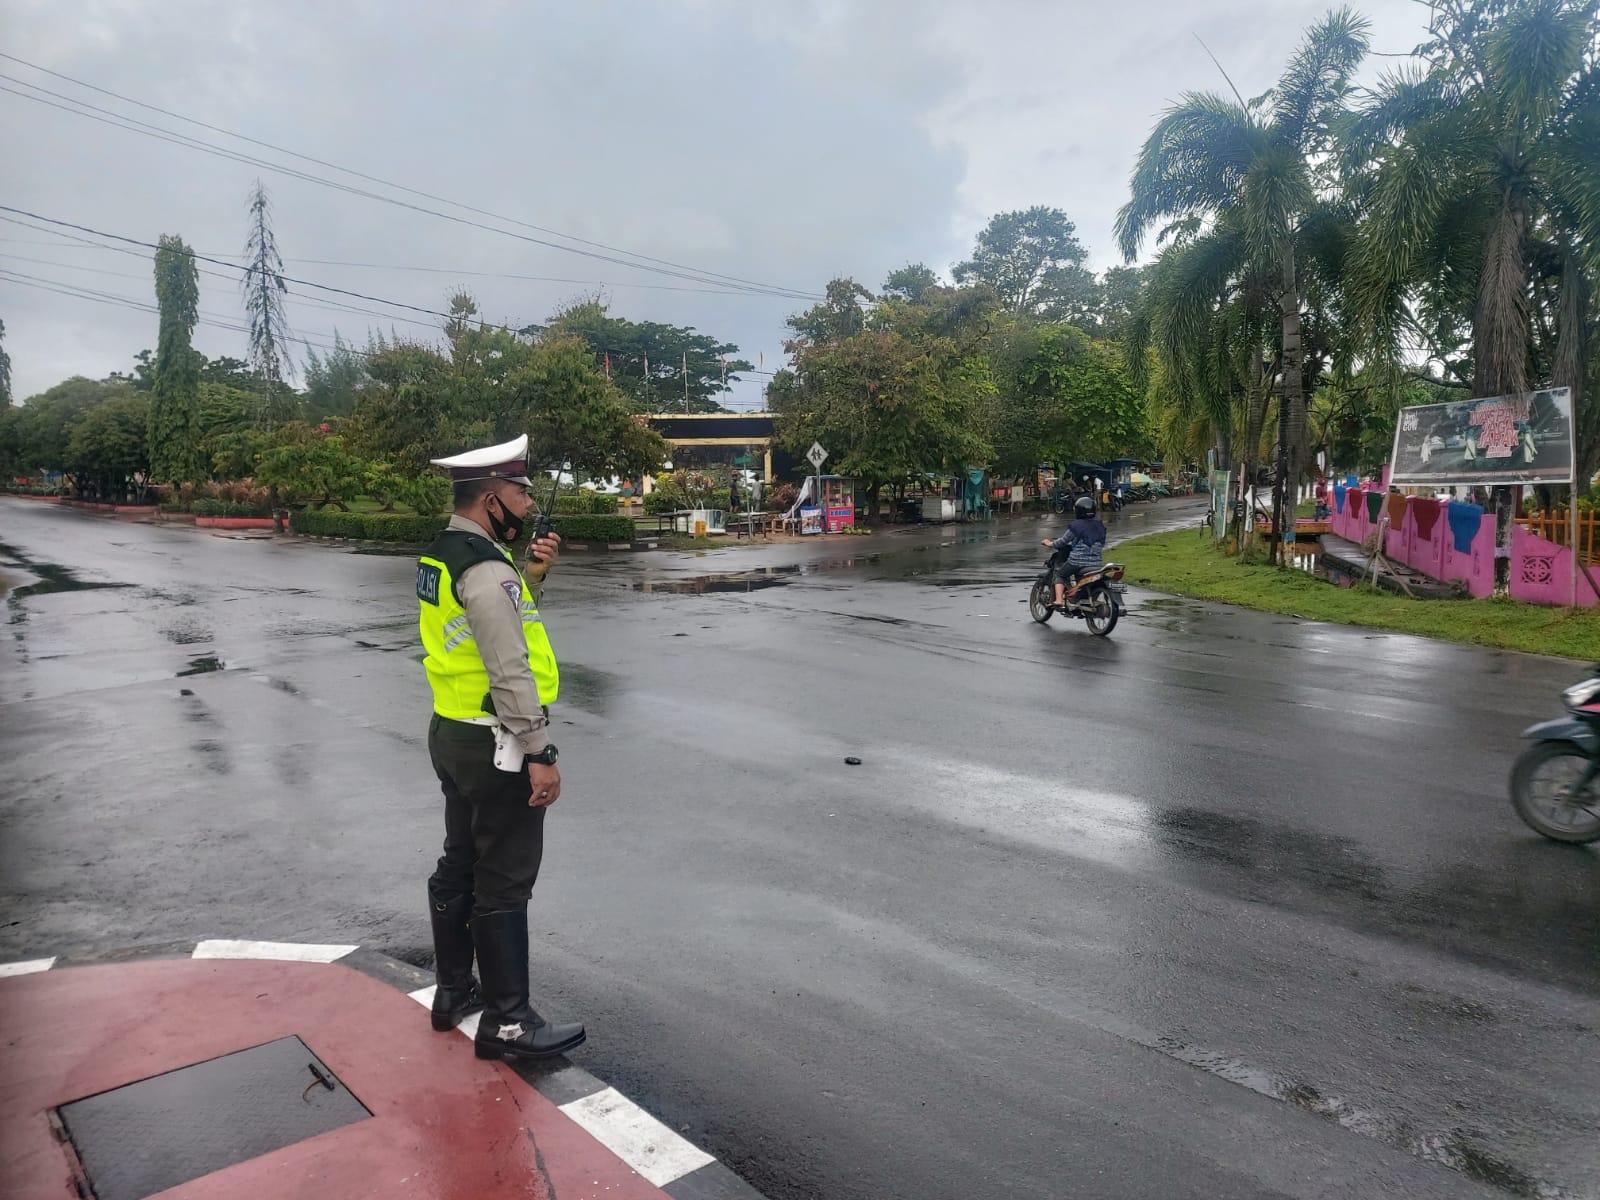 Cuaca sedang hujan dan jalan licin di kota Ketapang, kurangi kecepatan kendaraan anda!!!